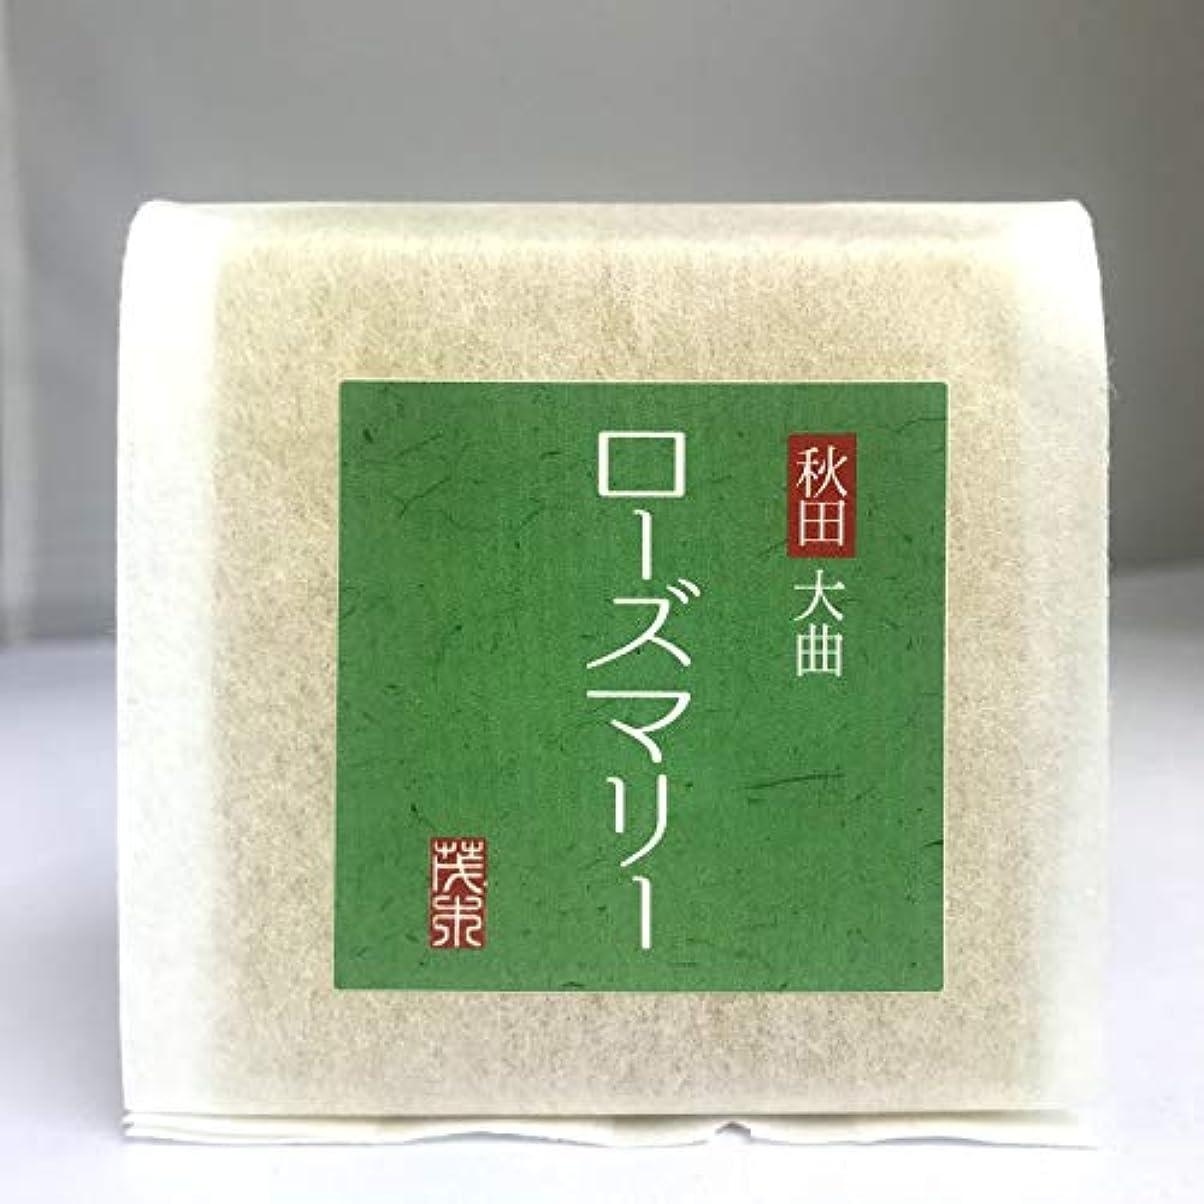 編集する業界スーパー無添加石鹸 ローズマリー石鹸 100g